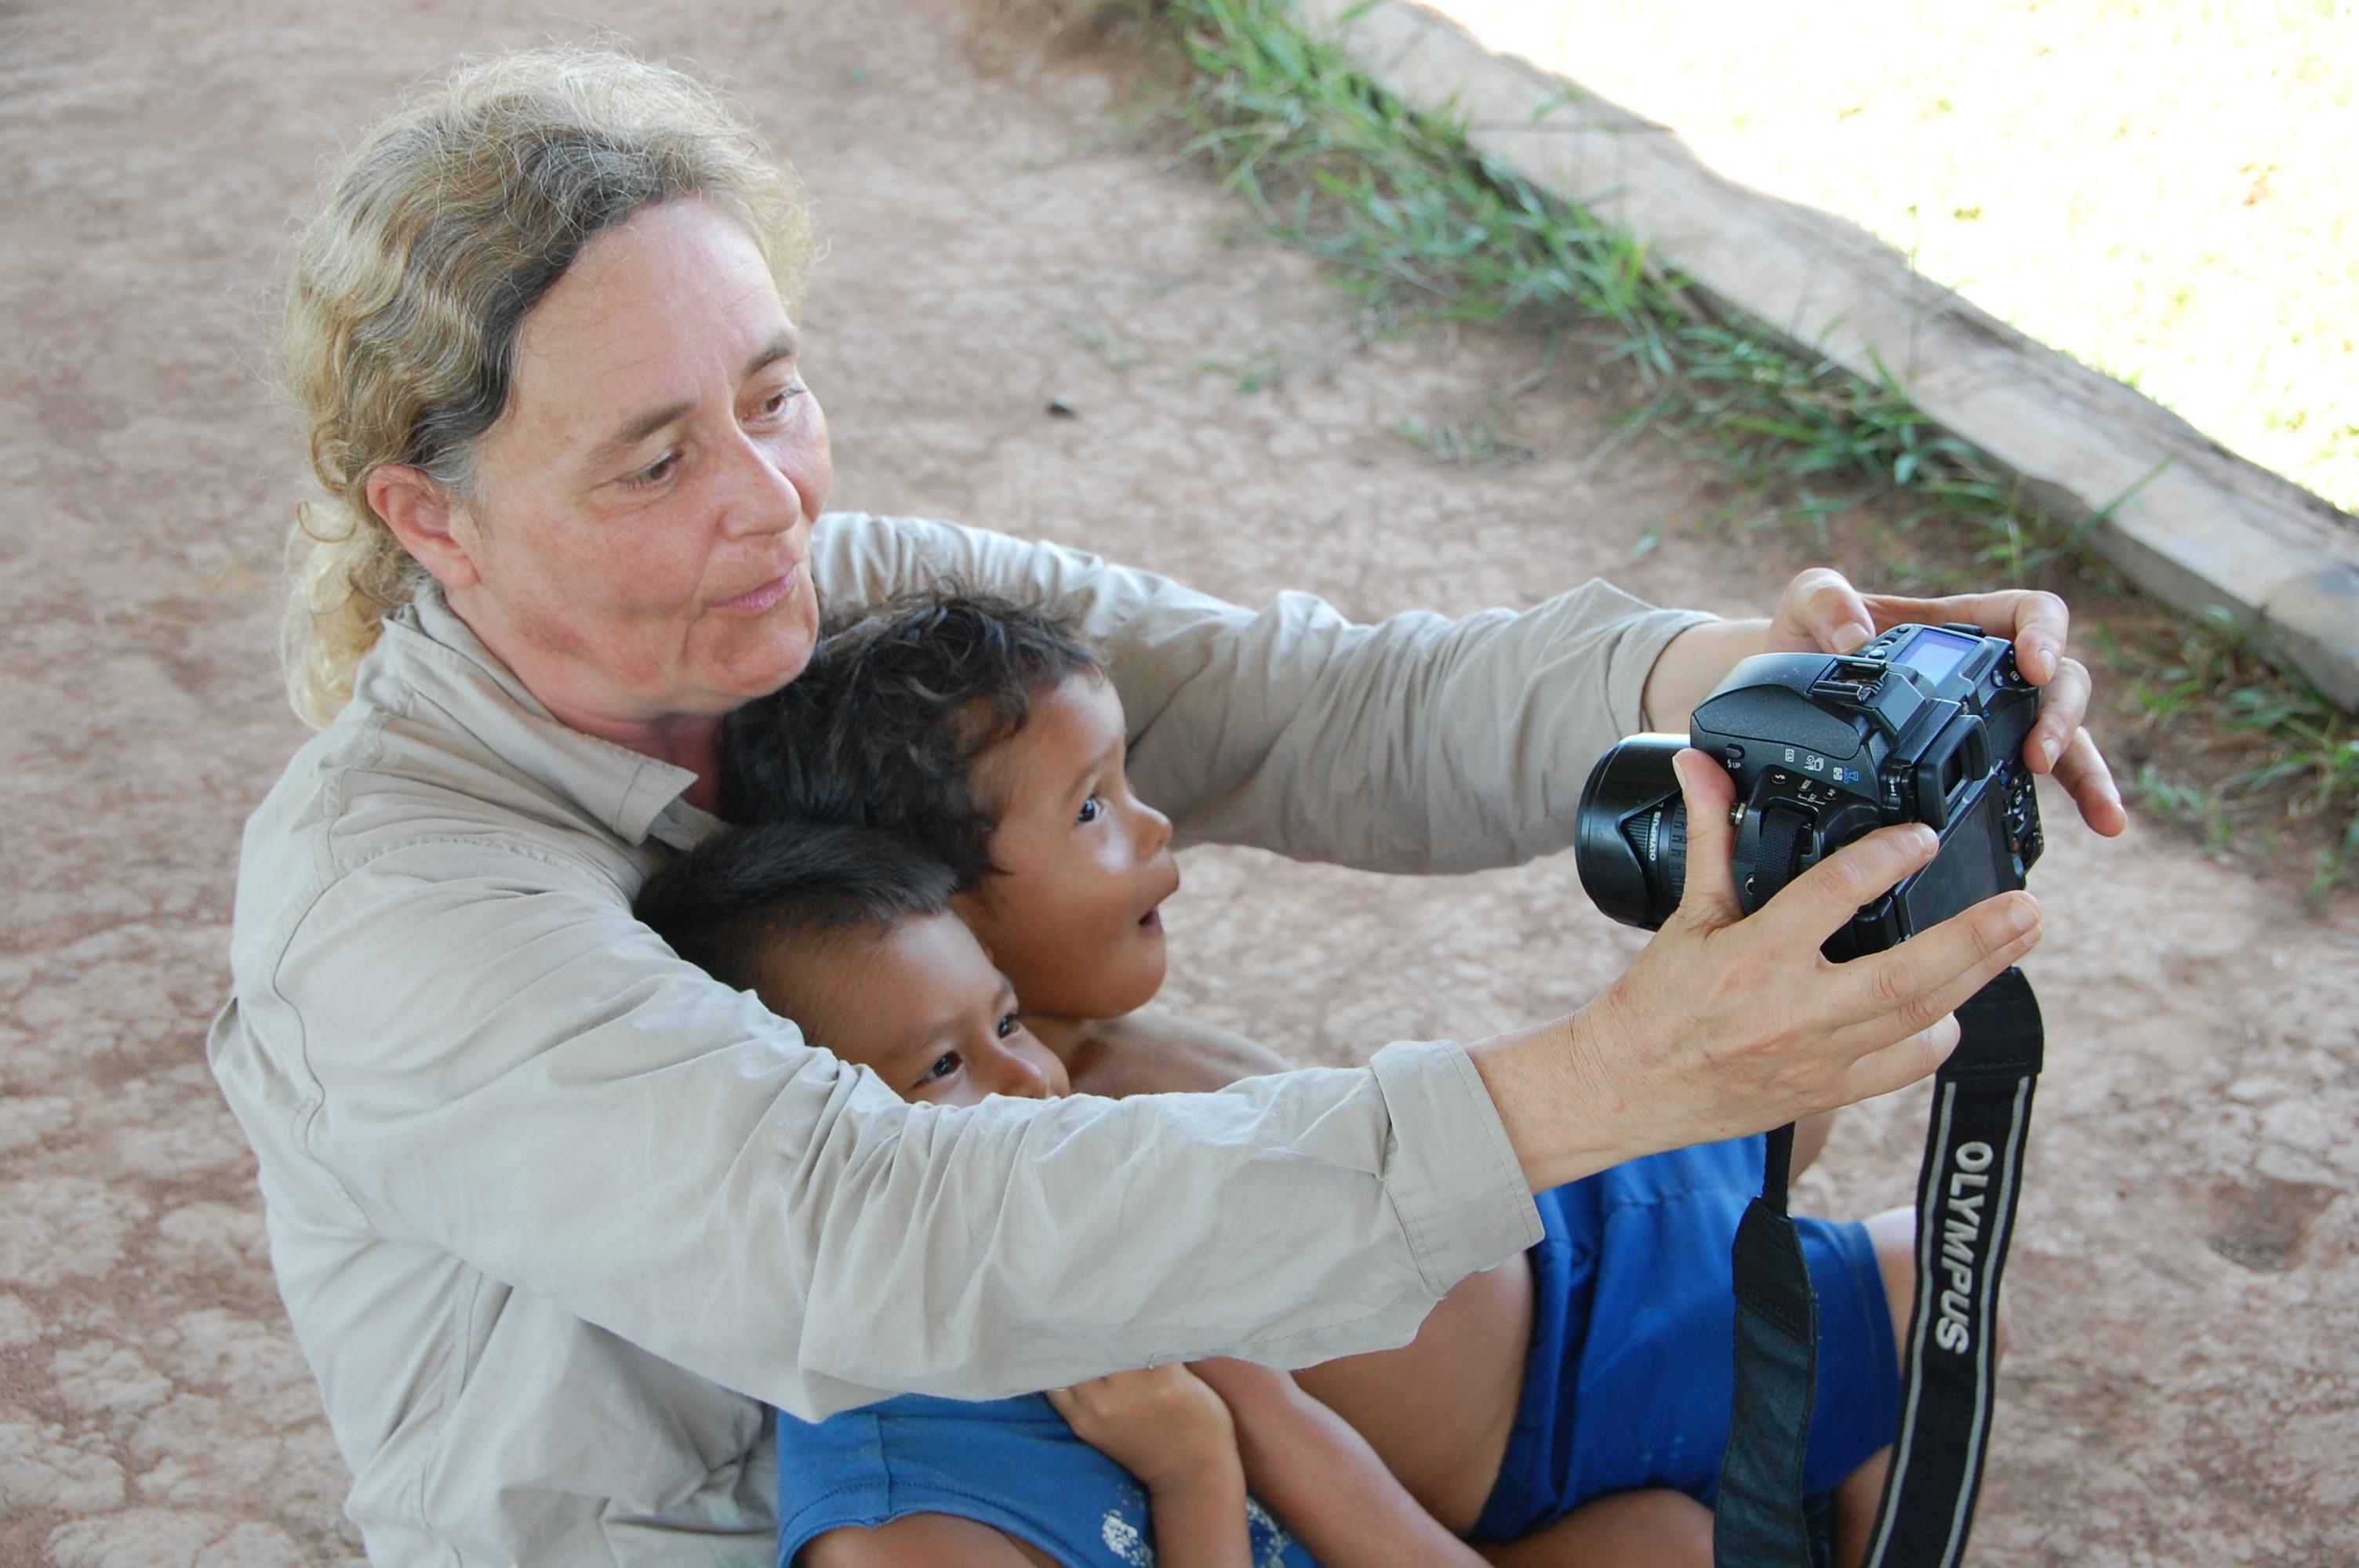 ExpedicionAmazonia34_CIPOCompany